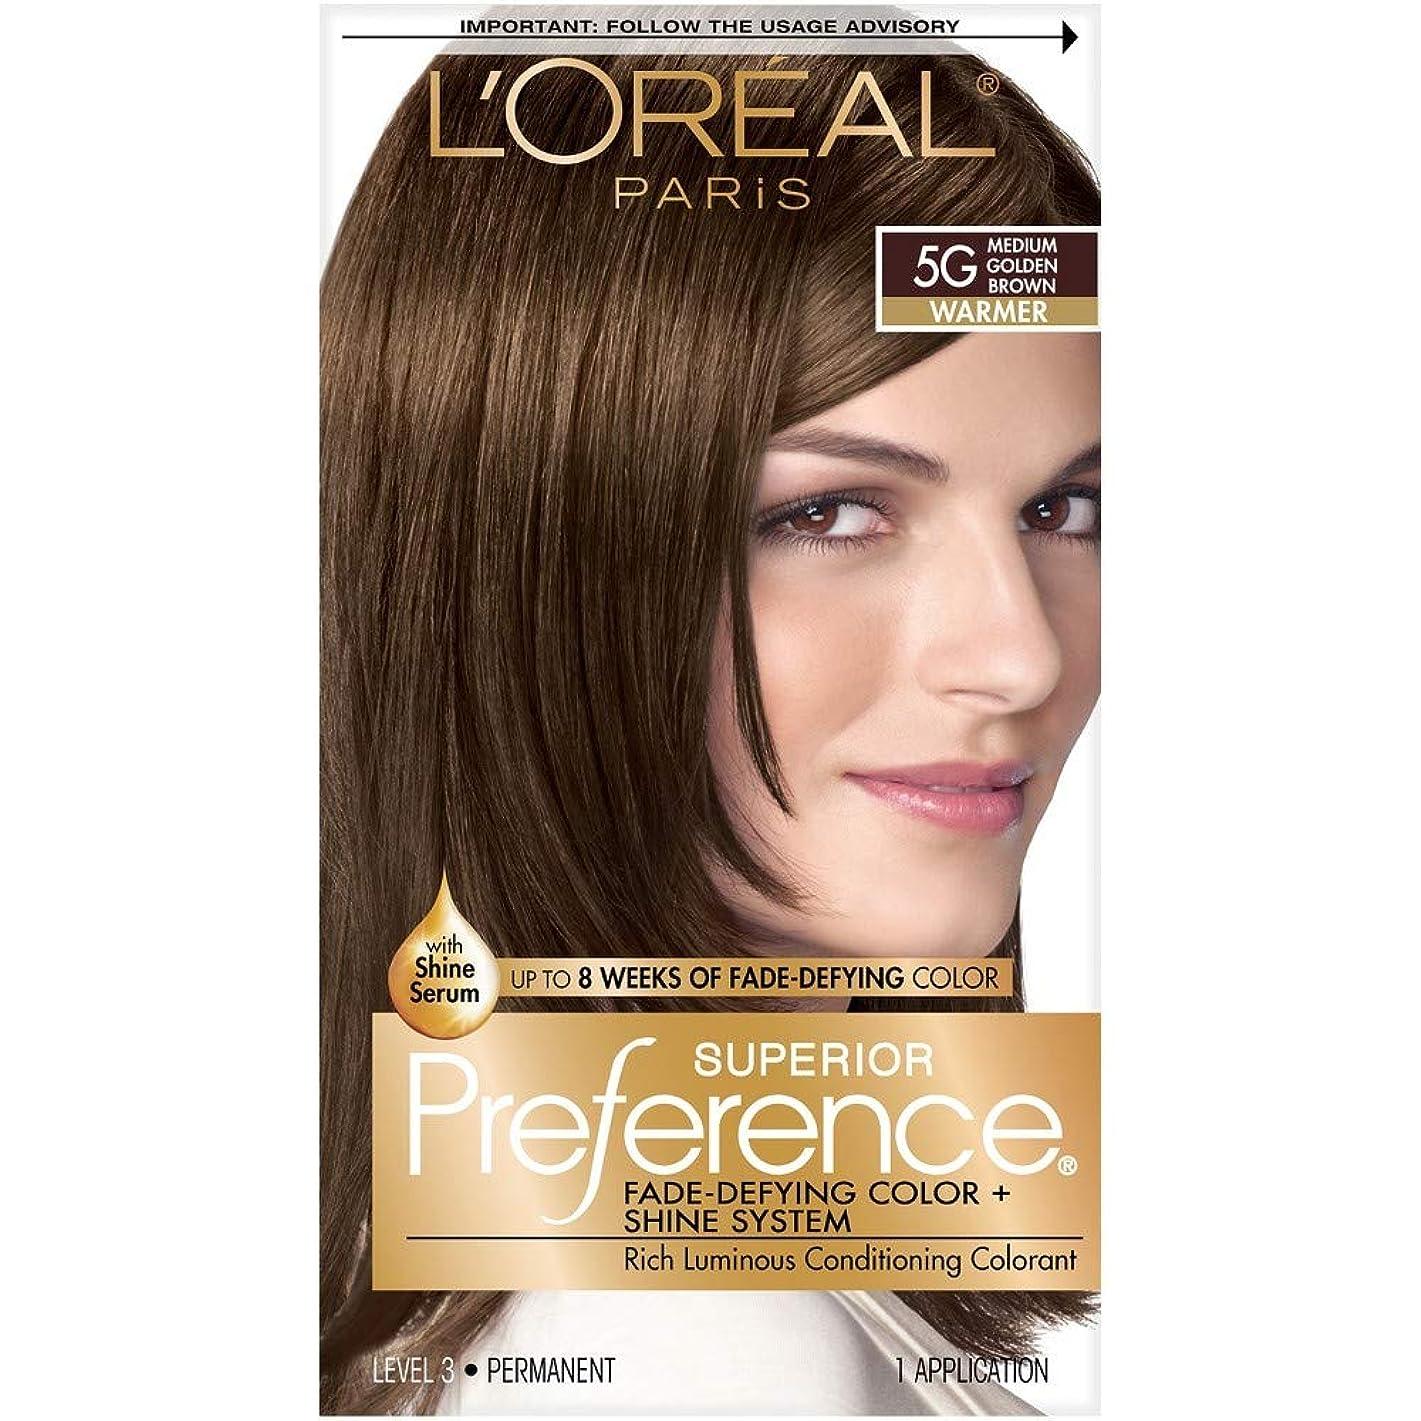 自発的誤って外部海外直送肘 LOreal Superior Preference Hair Color 5G Medium Golden Brown, Medium Golden Brown 1 each